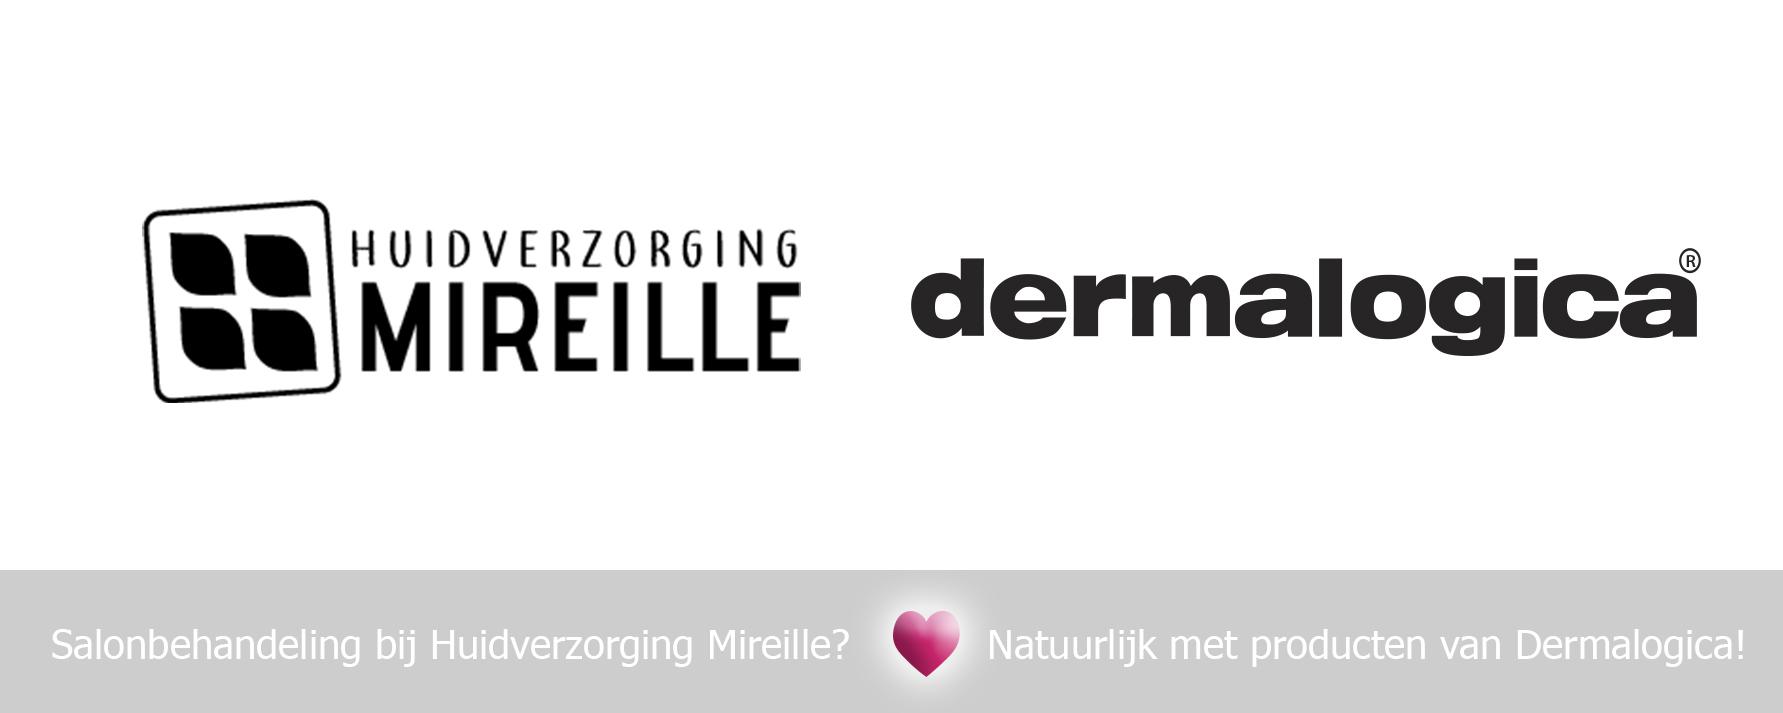 Salon Mireille gebruikt Dermalogica verzorgingsproducten